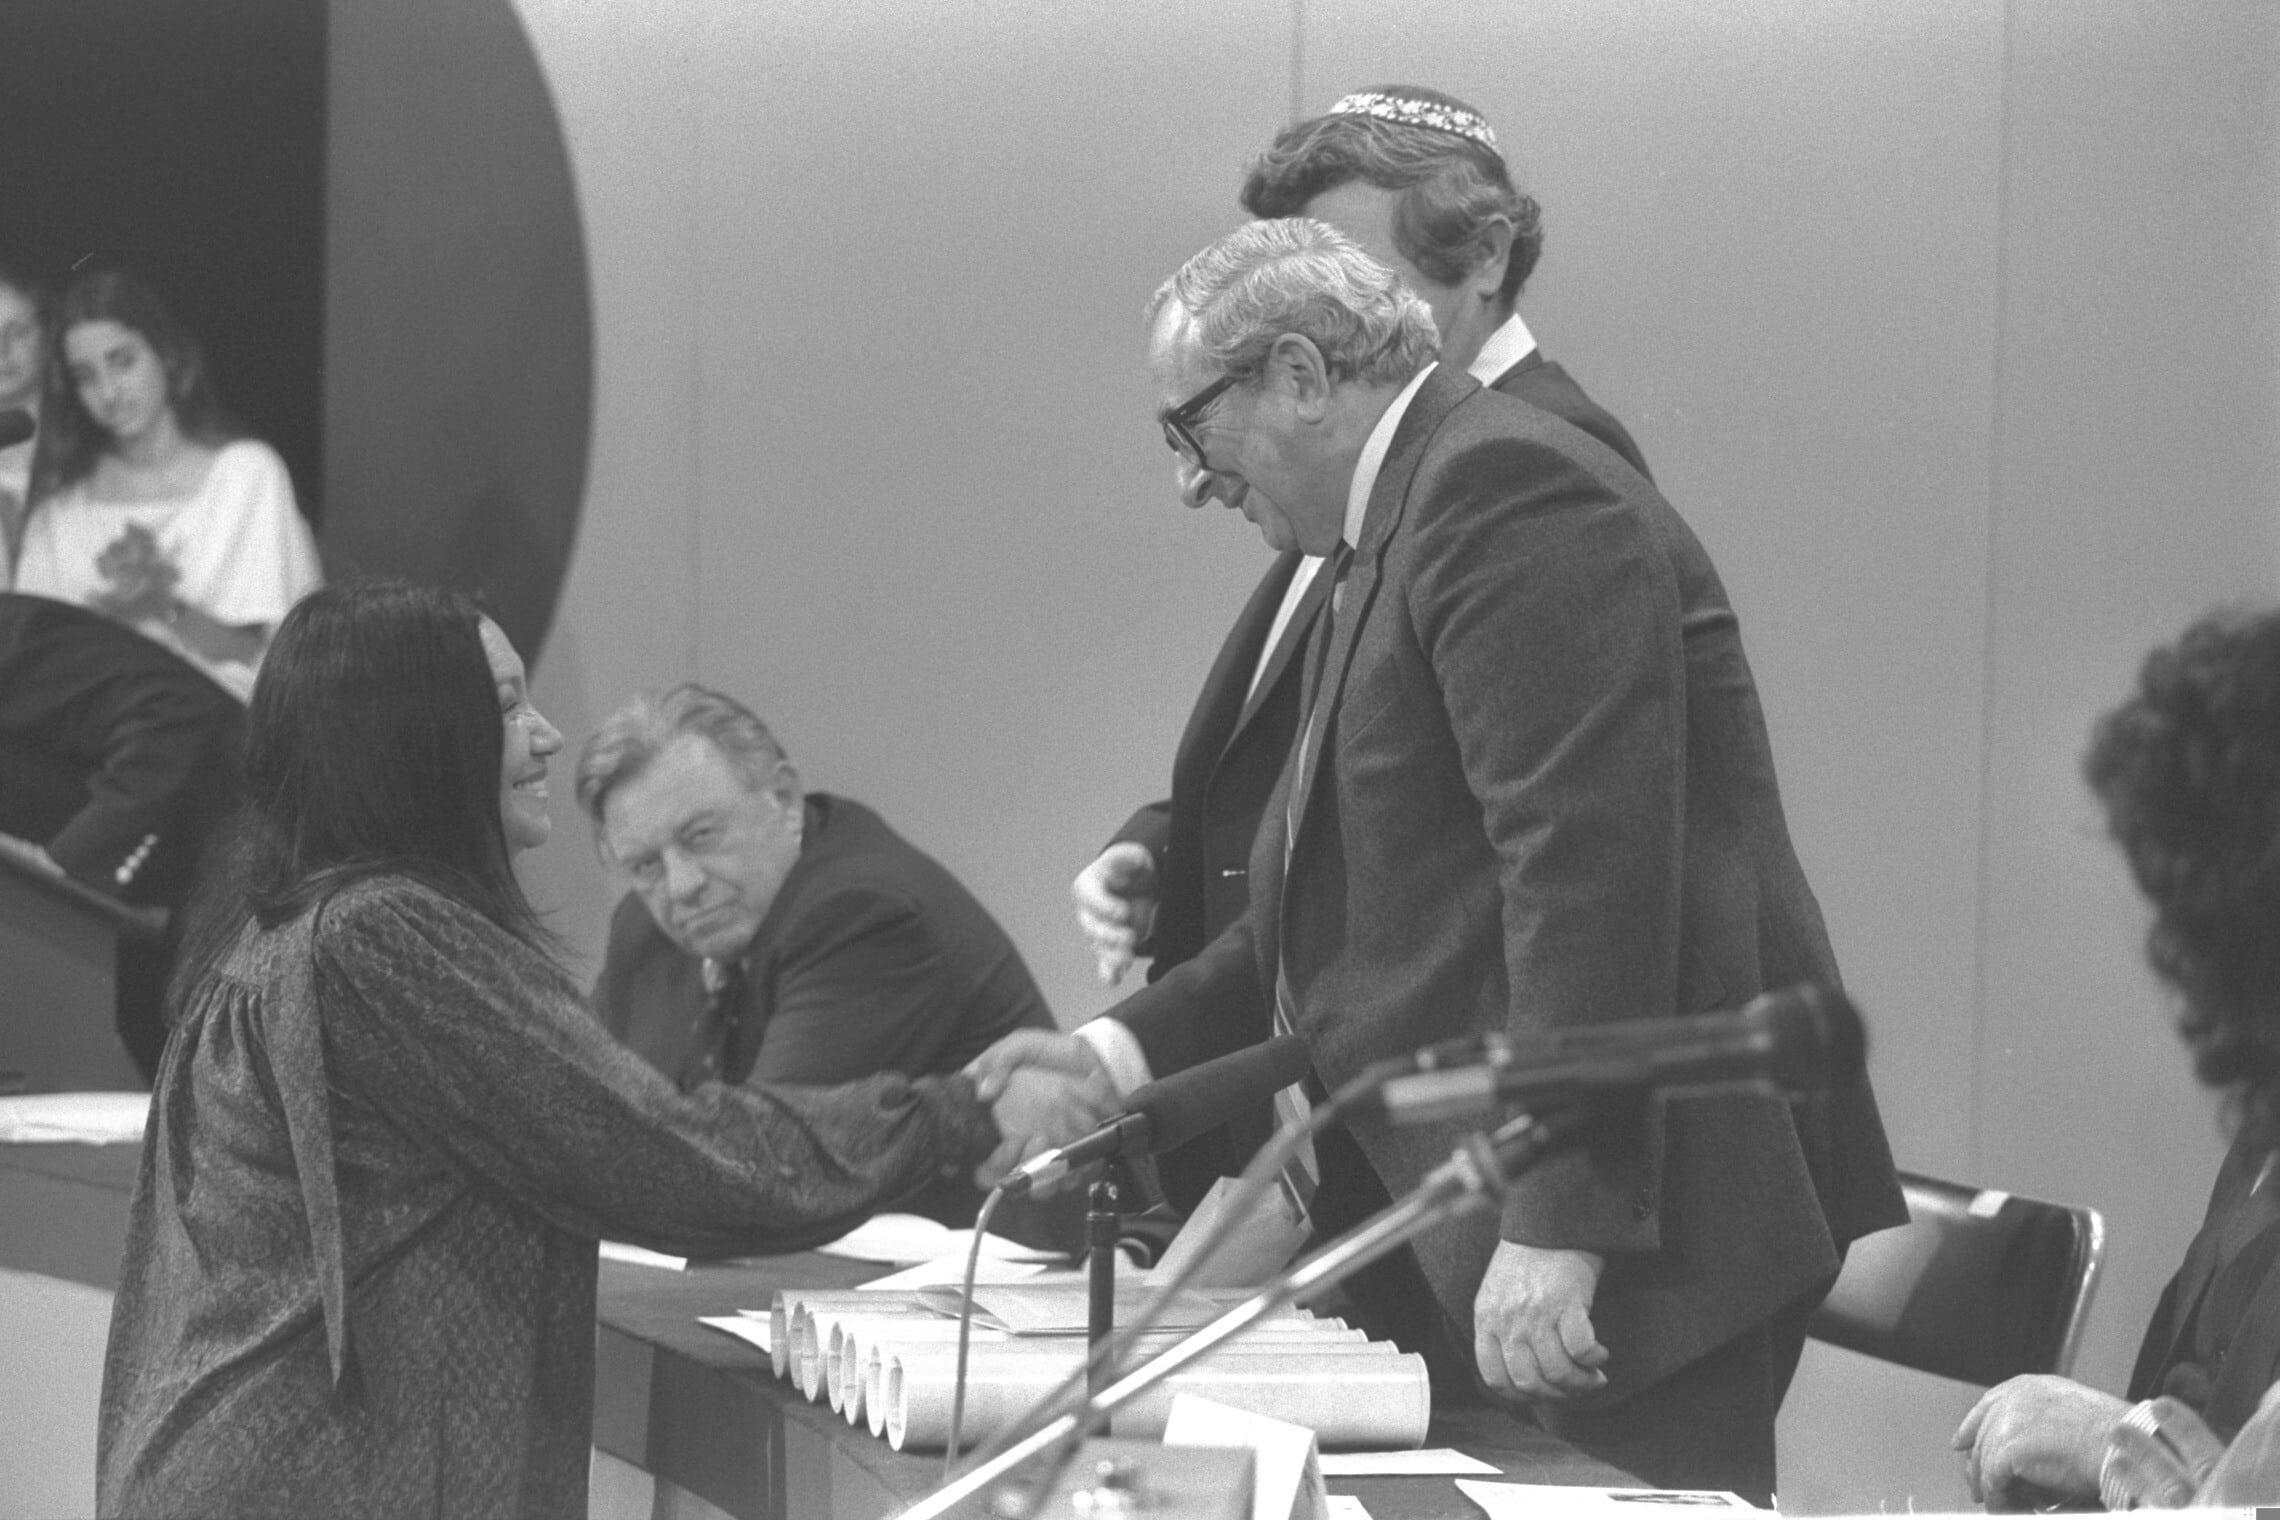 """נעמי שמר מקבלת את פרס ישראל מנשיא המדינה יצחק נבון, 1983 (צילום: נתן אלפרט/לע""""מ)"""